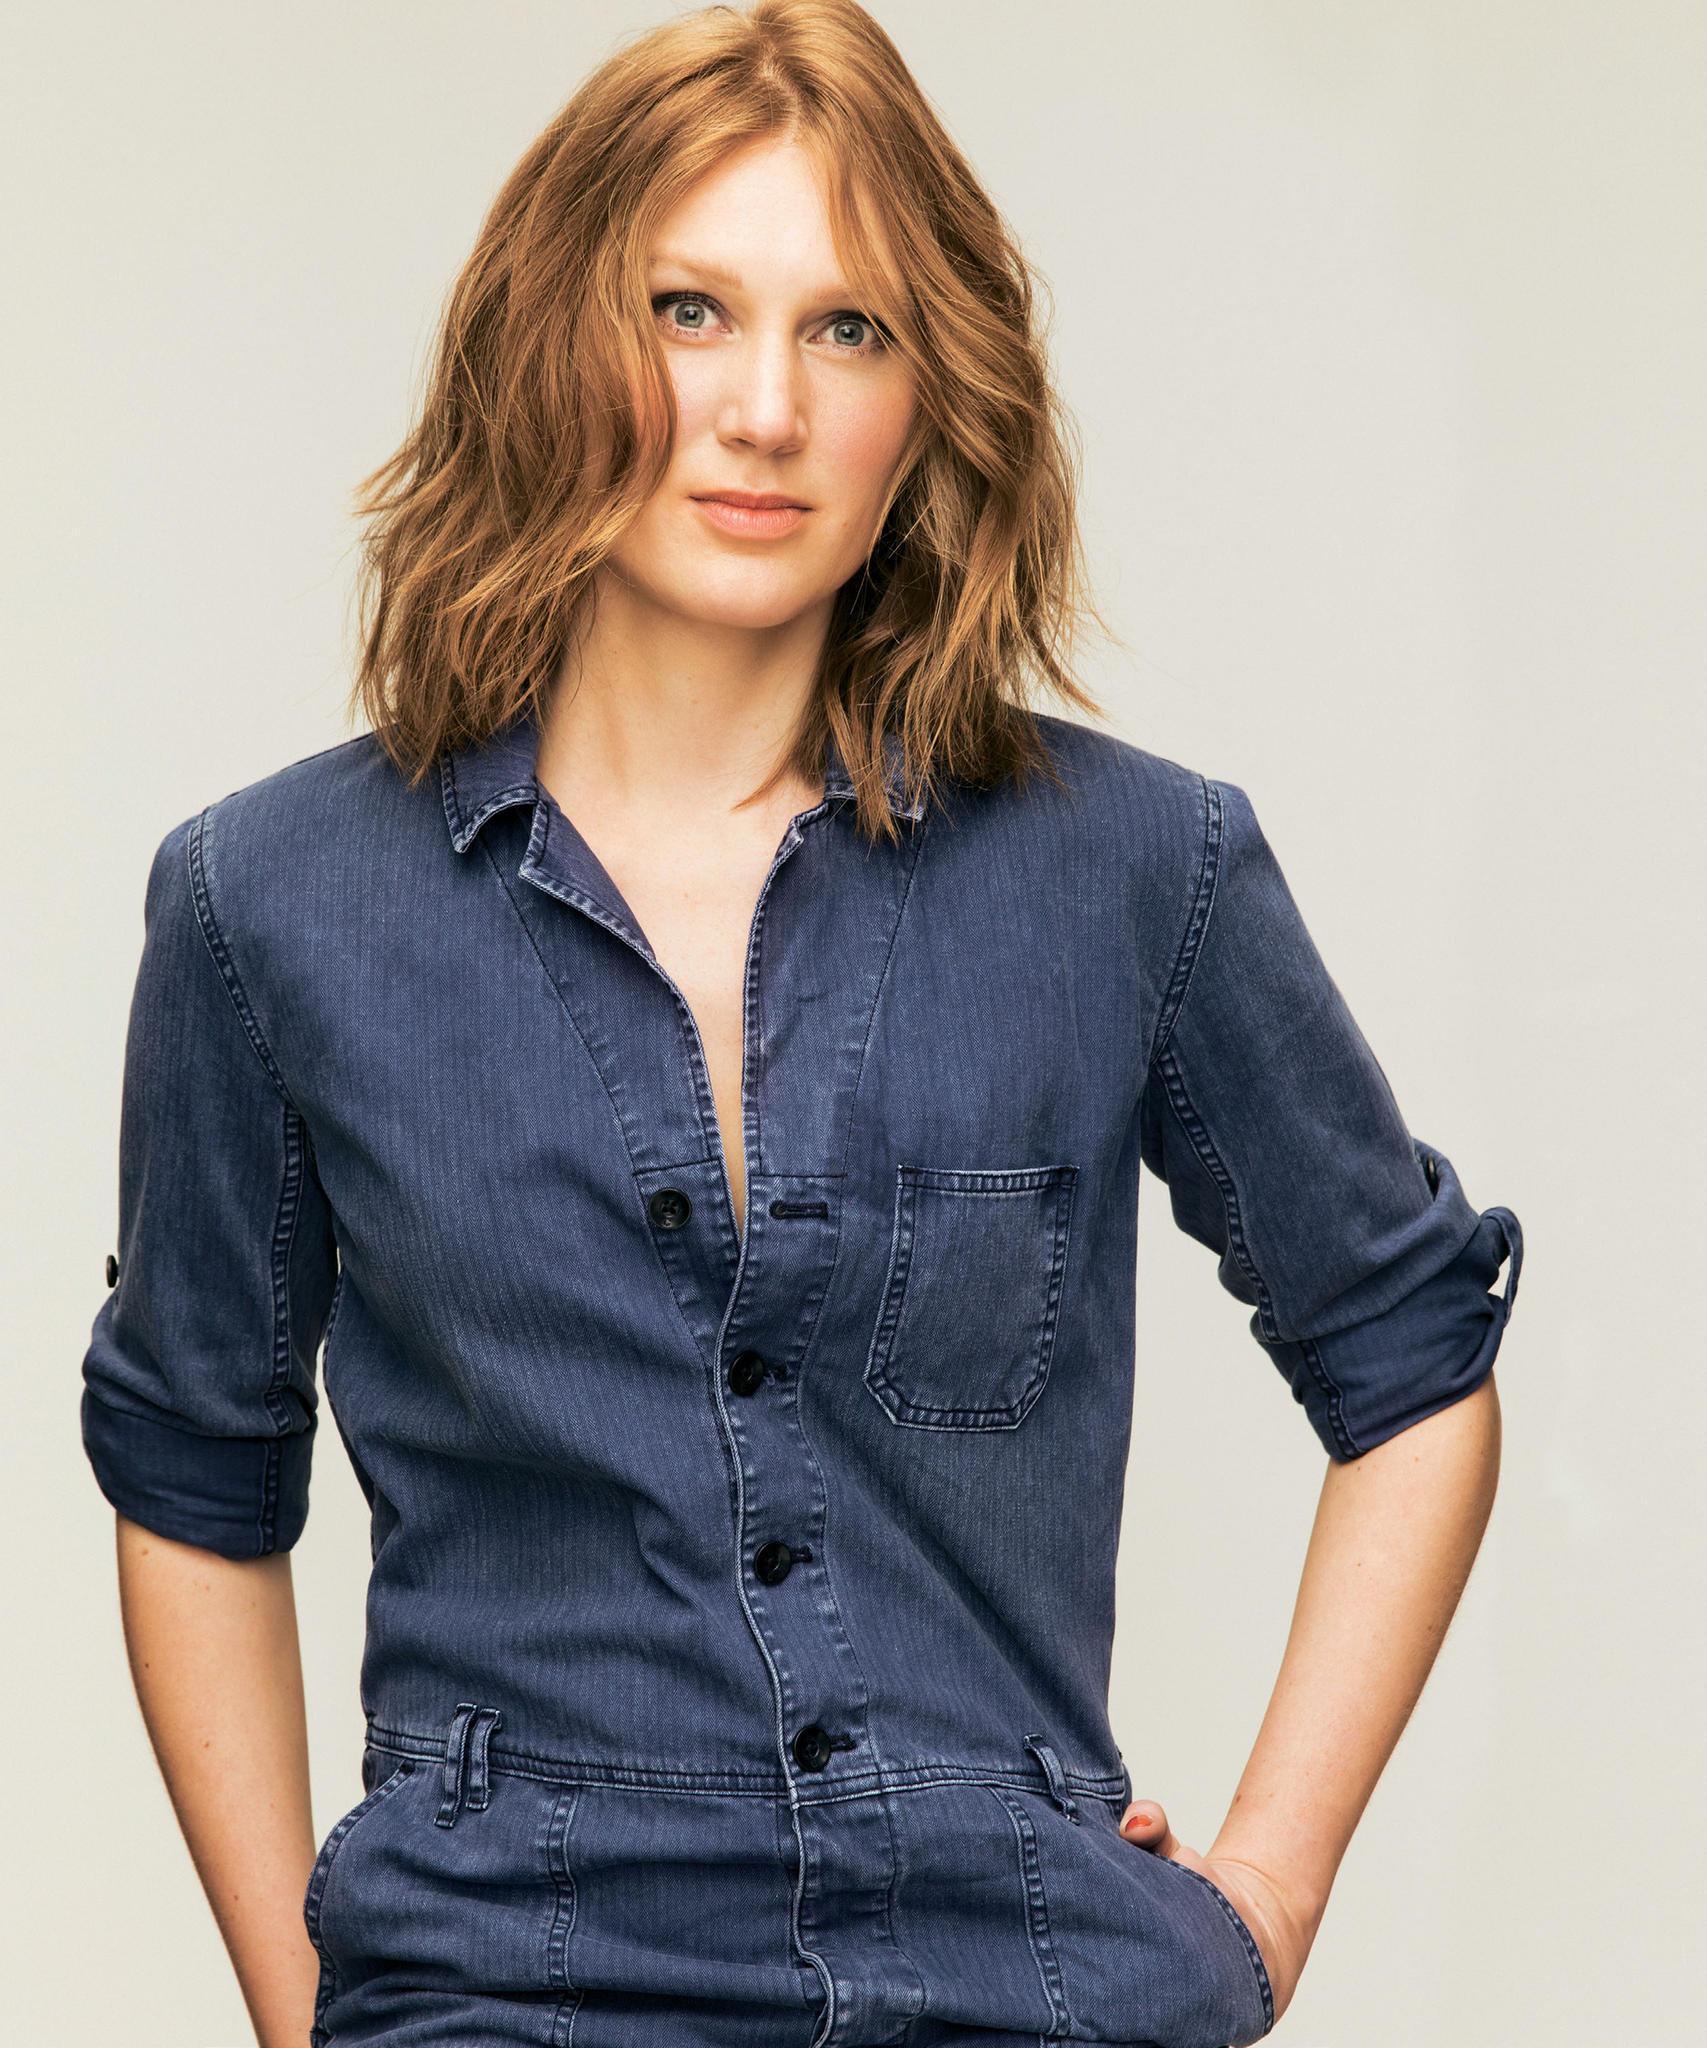 Frisur: Louisa nach dem Umstyling mit kürzeren Haaren und mehr Volumen